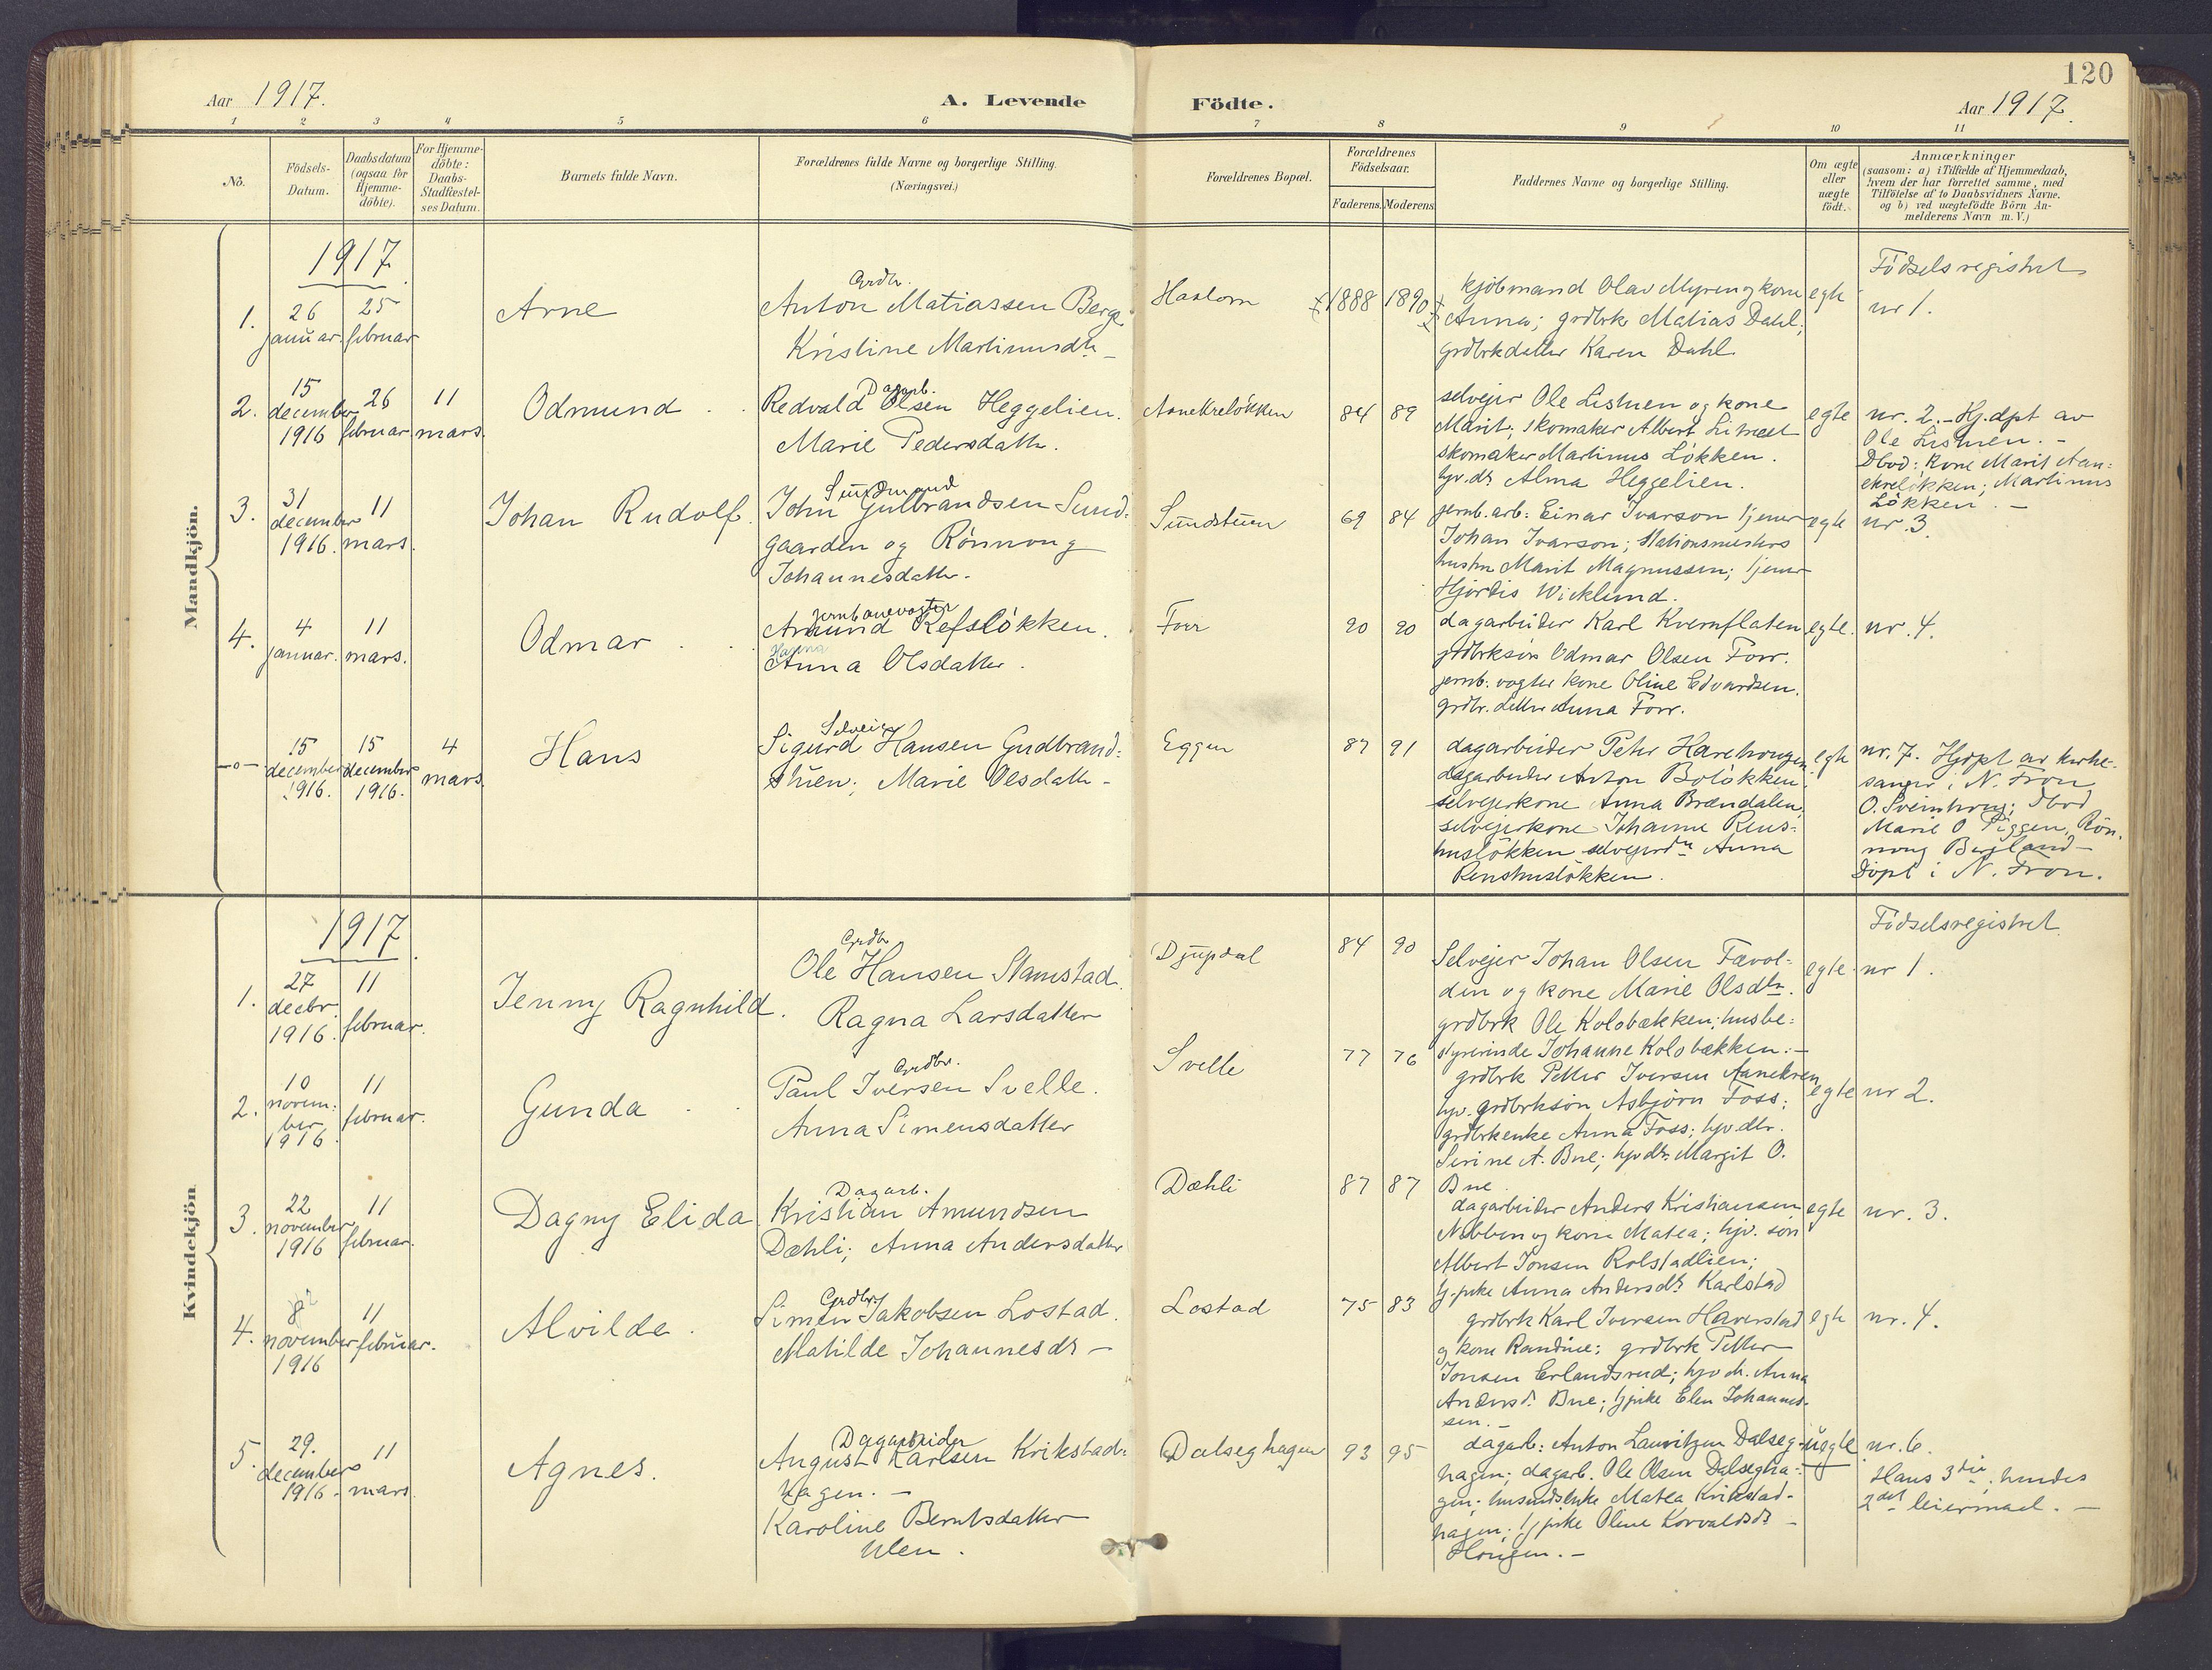 SAH, Sør-Fron prestekontor, H/Ha/Haa/L0004: Ministerialbok nr. 4, 1898-1919, s. 120